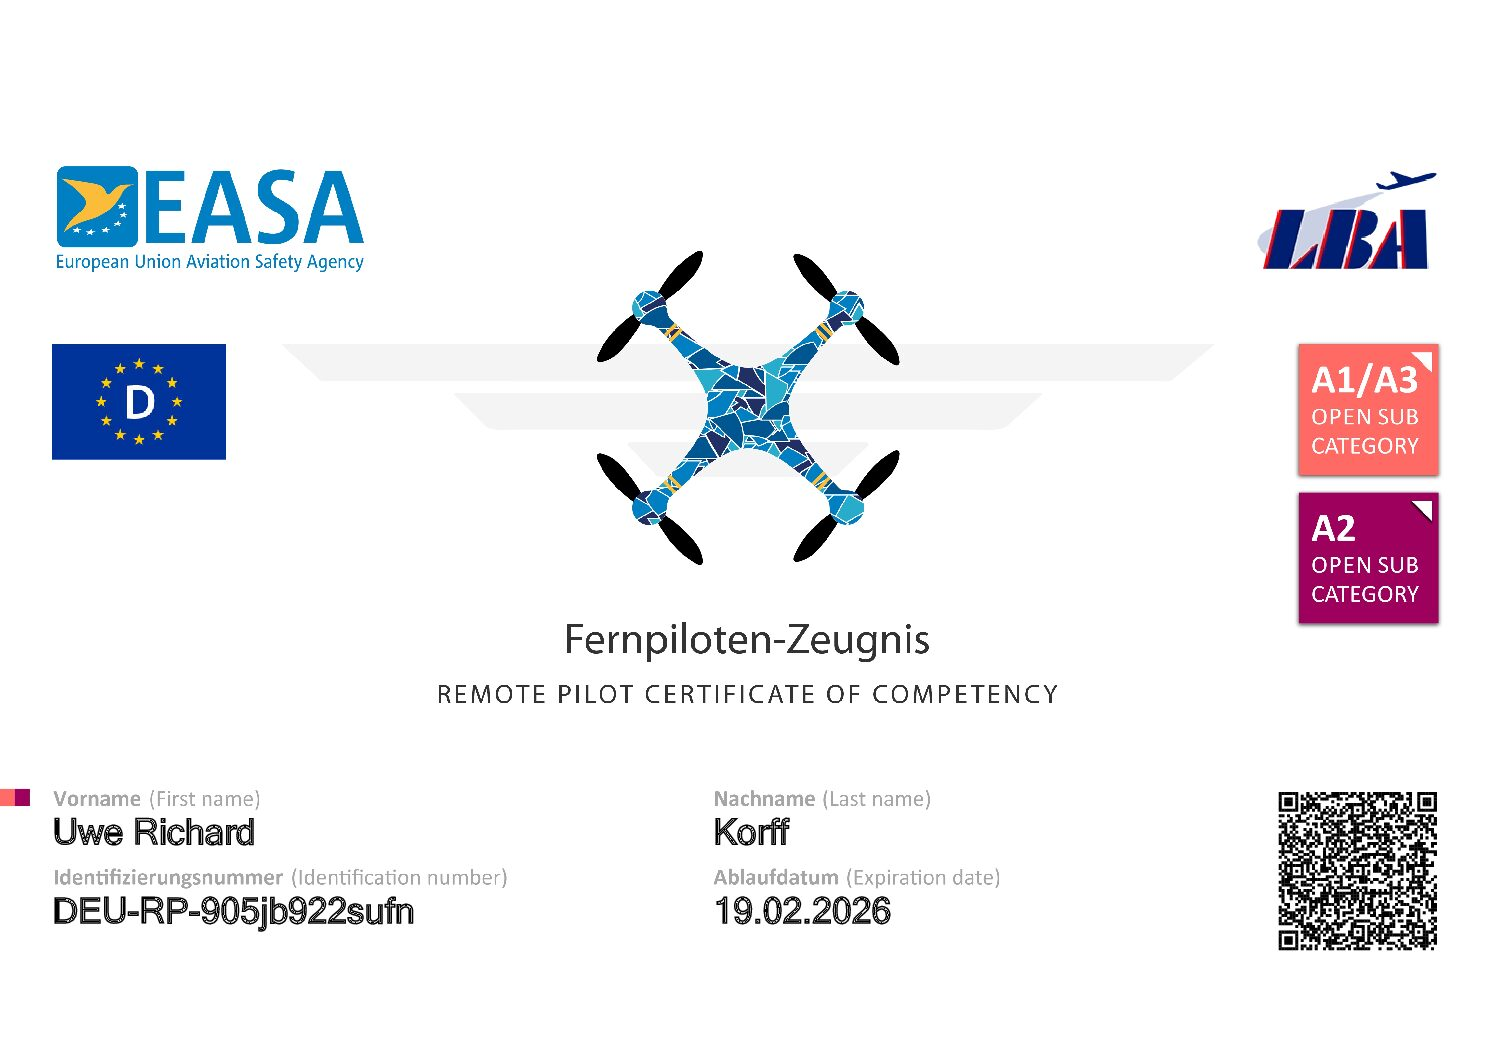 A2_-_Fernpiloten-Zeugnis_Korff_Uwe_Richard_DEU-RP-905jb922sufn-1